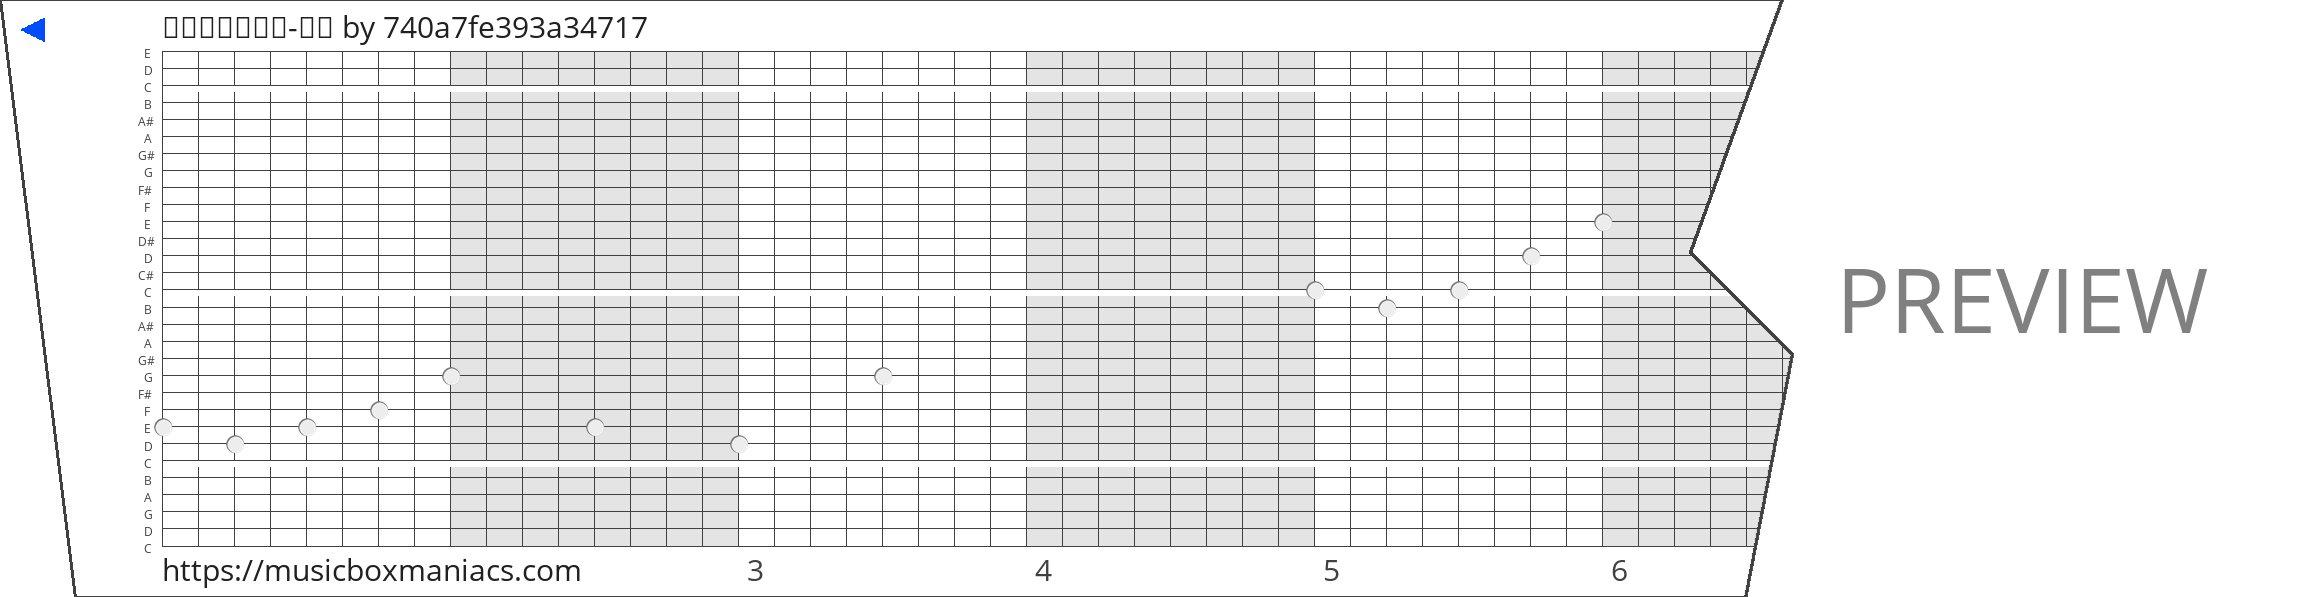 미미일소흔경성-양양 30 note music box paper strip